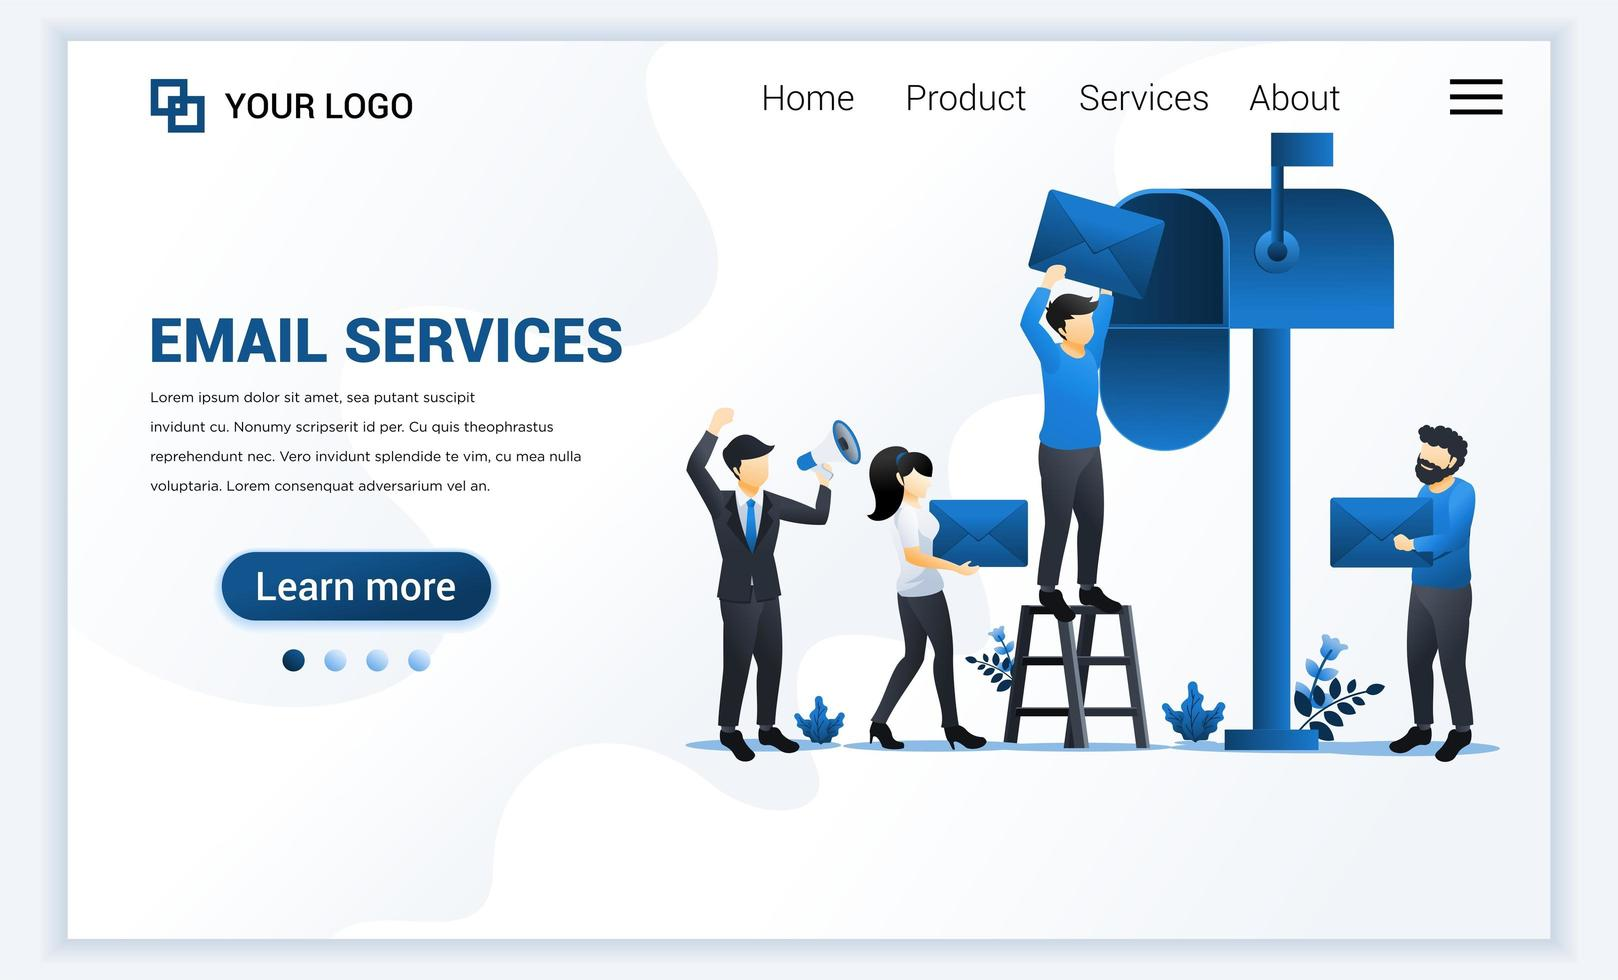 modelo de página de destino de marketing por email, serviços de mala direta com personagens. conceito de design moderno de página da web plana para site e site móvel. ilustração vetorial vetor